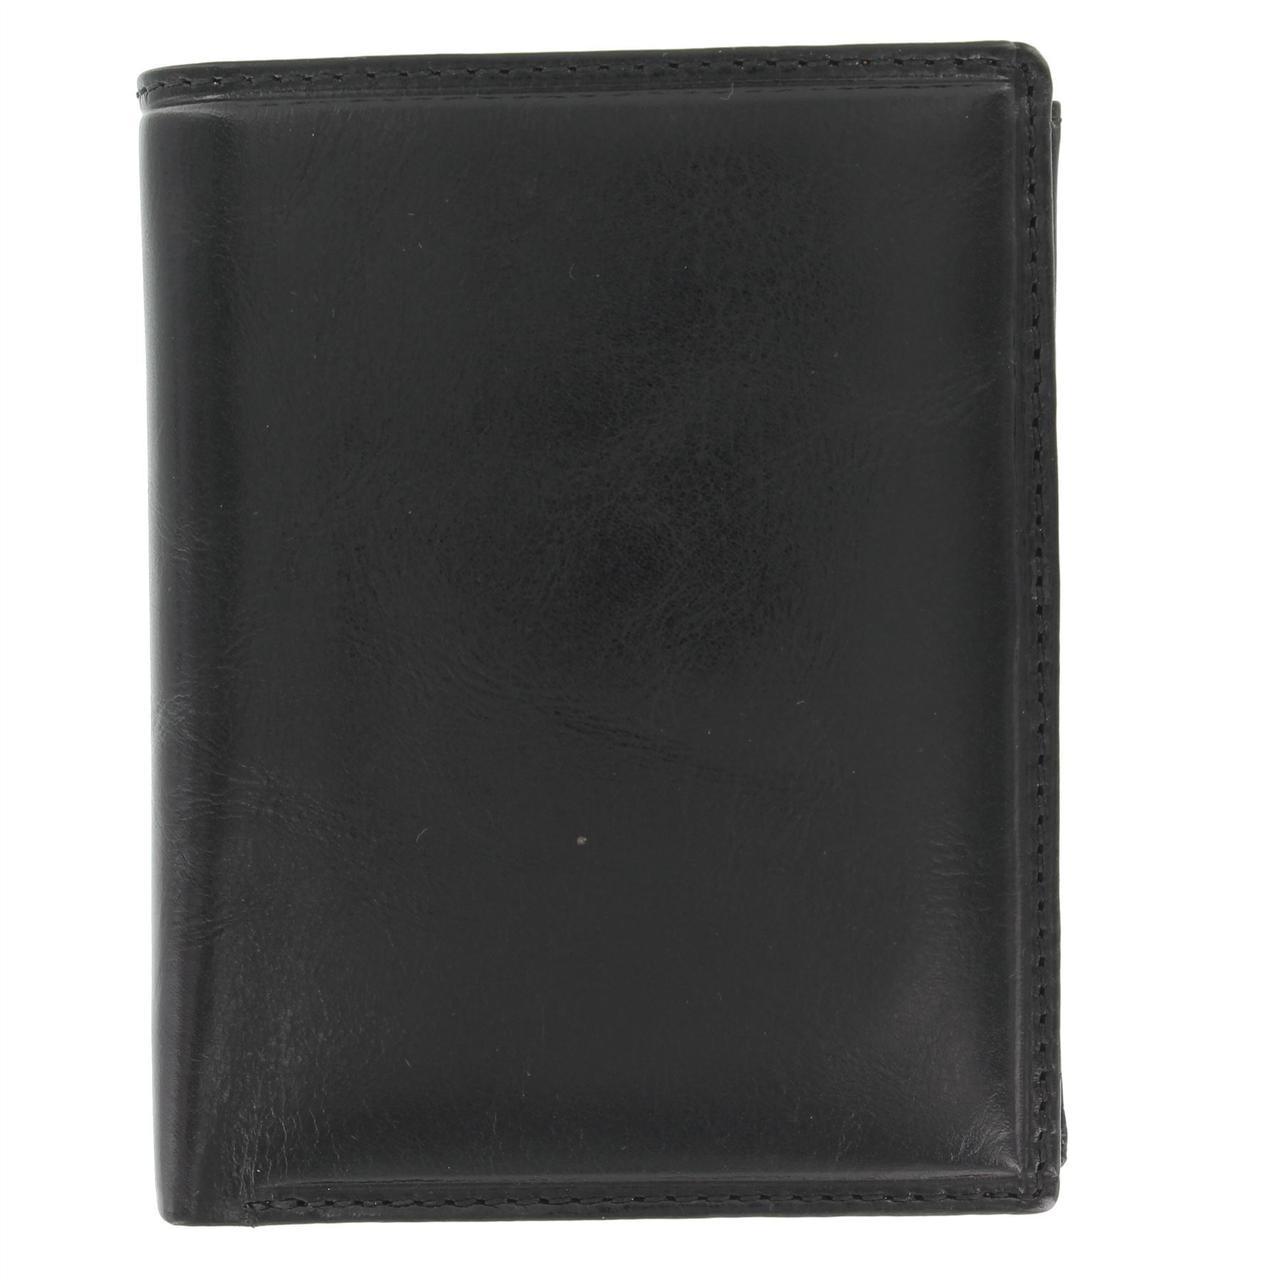 Вертикальный кошелек из гладкой кожи Visconti MZ3 black (Великобритания)